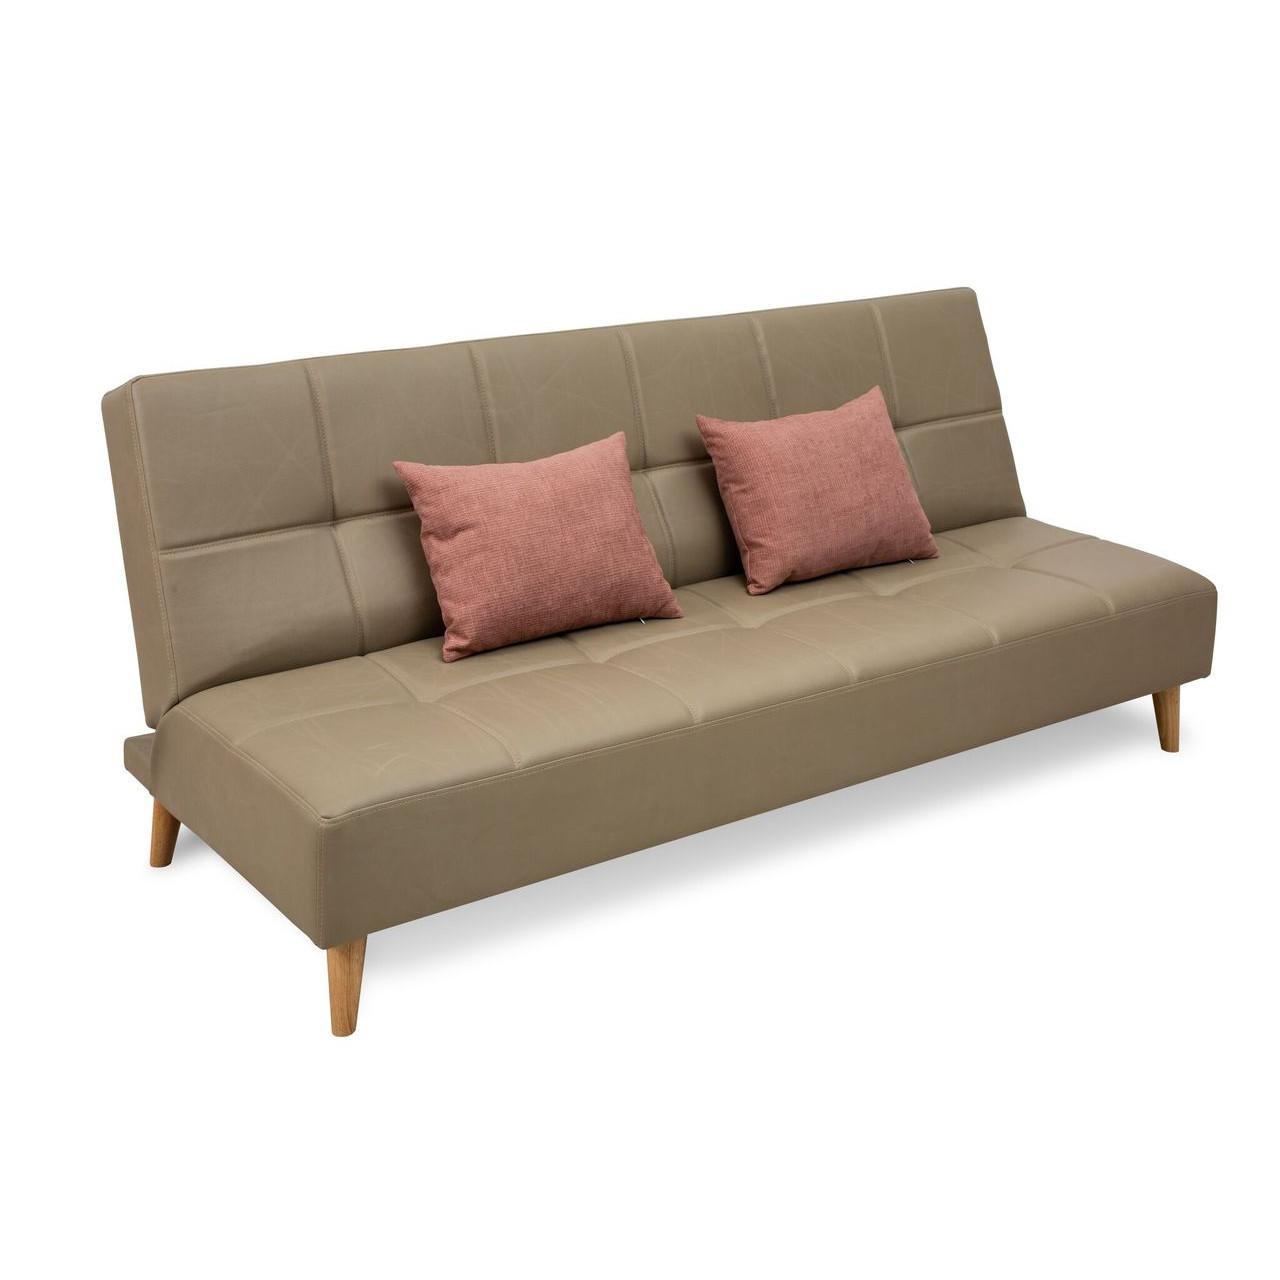 SOFA BED - SB-TT115